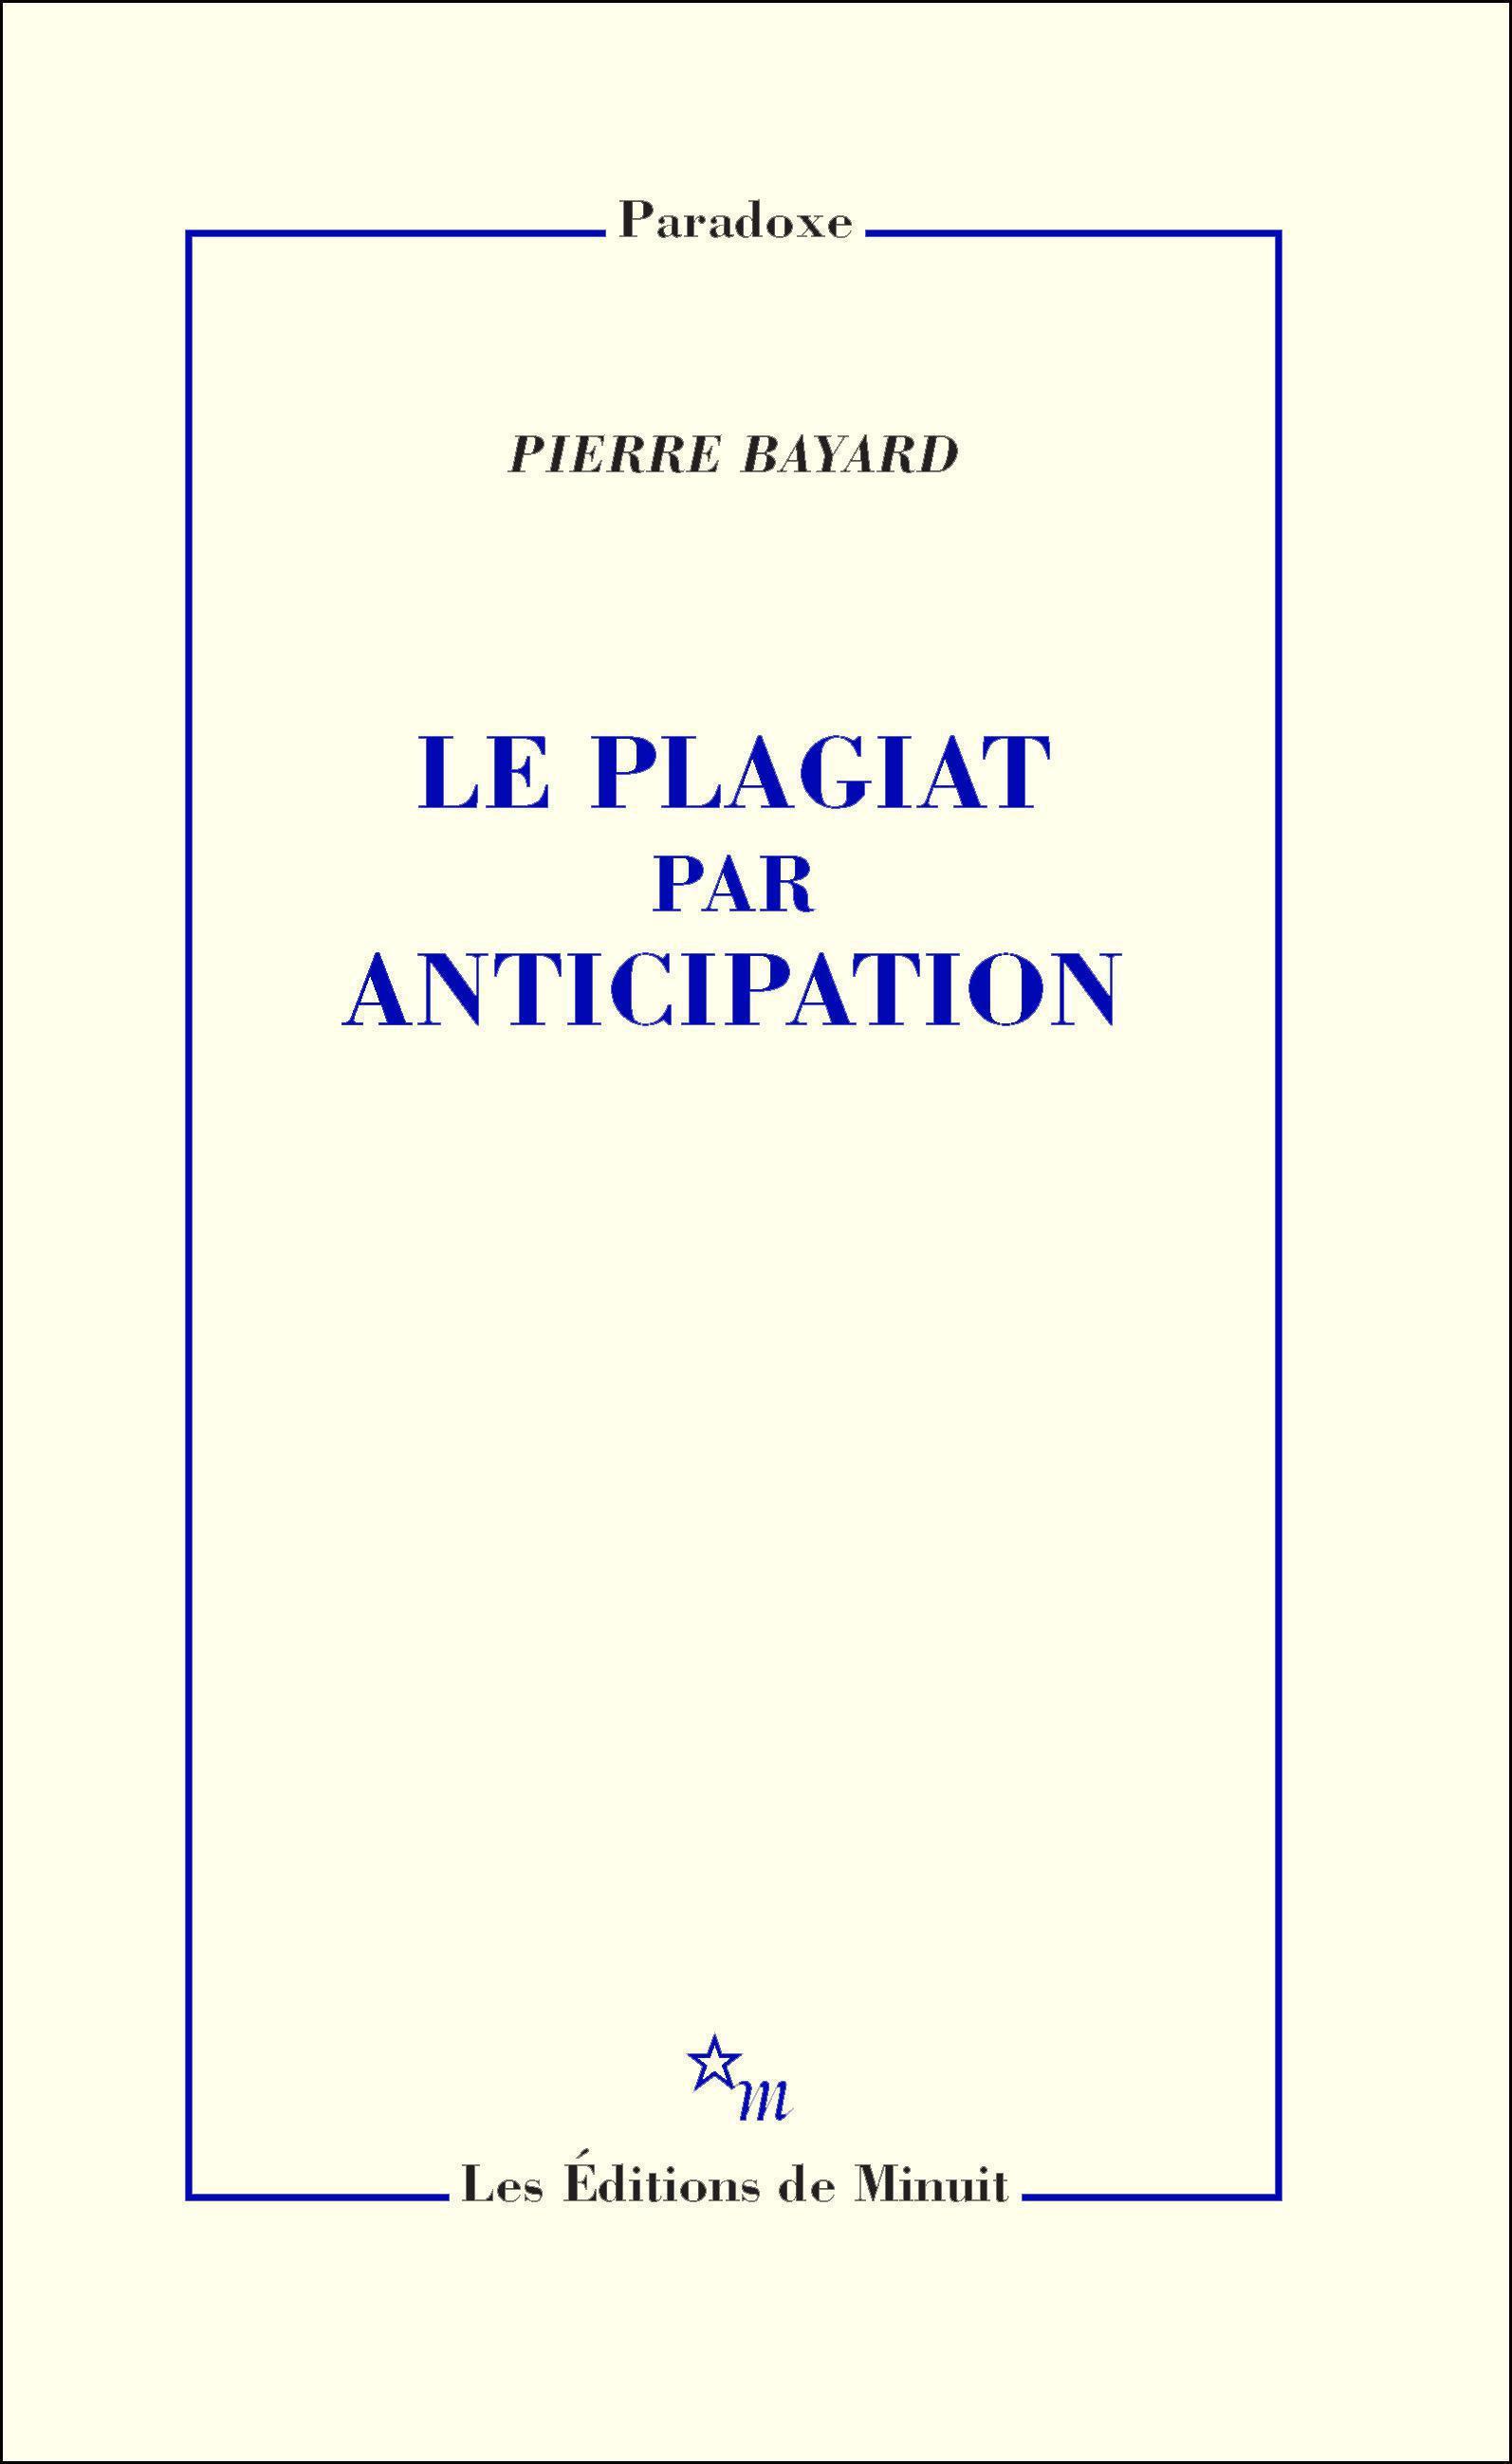 Le Plagiat par anticipation